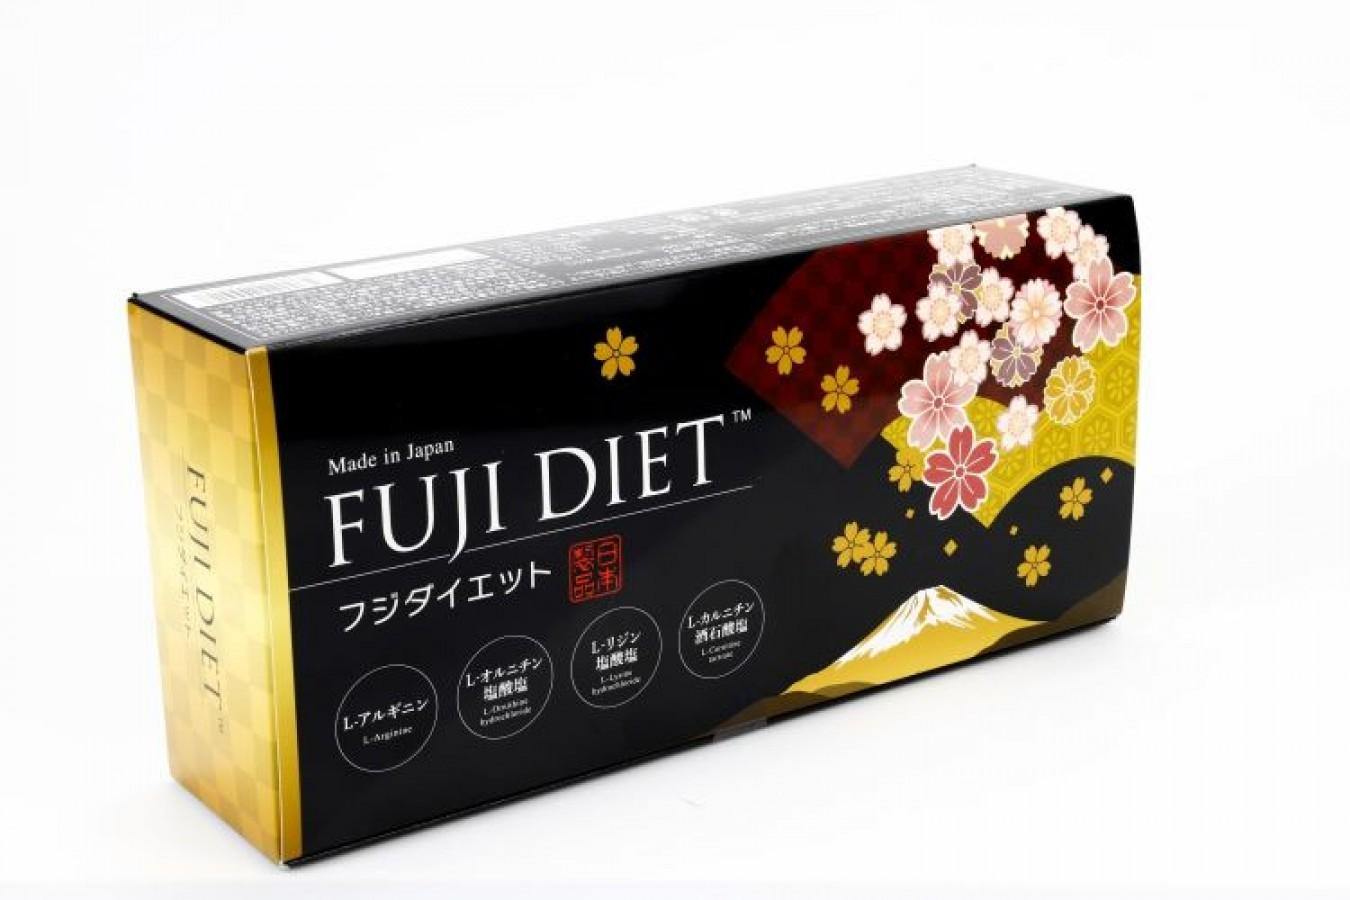 Viên Uống Fuji Diet Hỗ Trợ Cải Thiện Cân Nặng